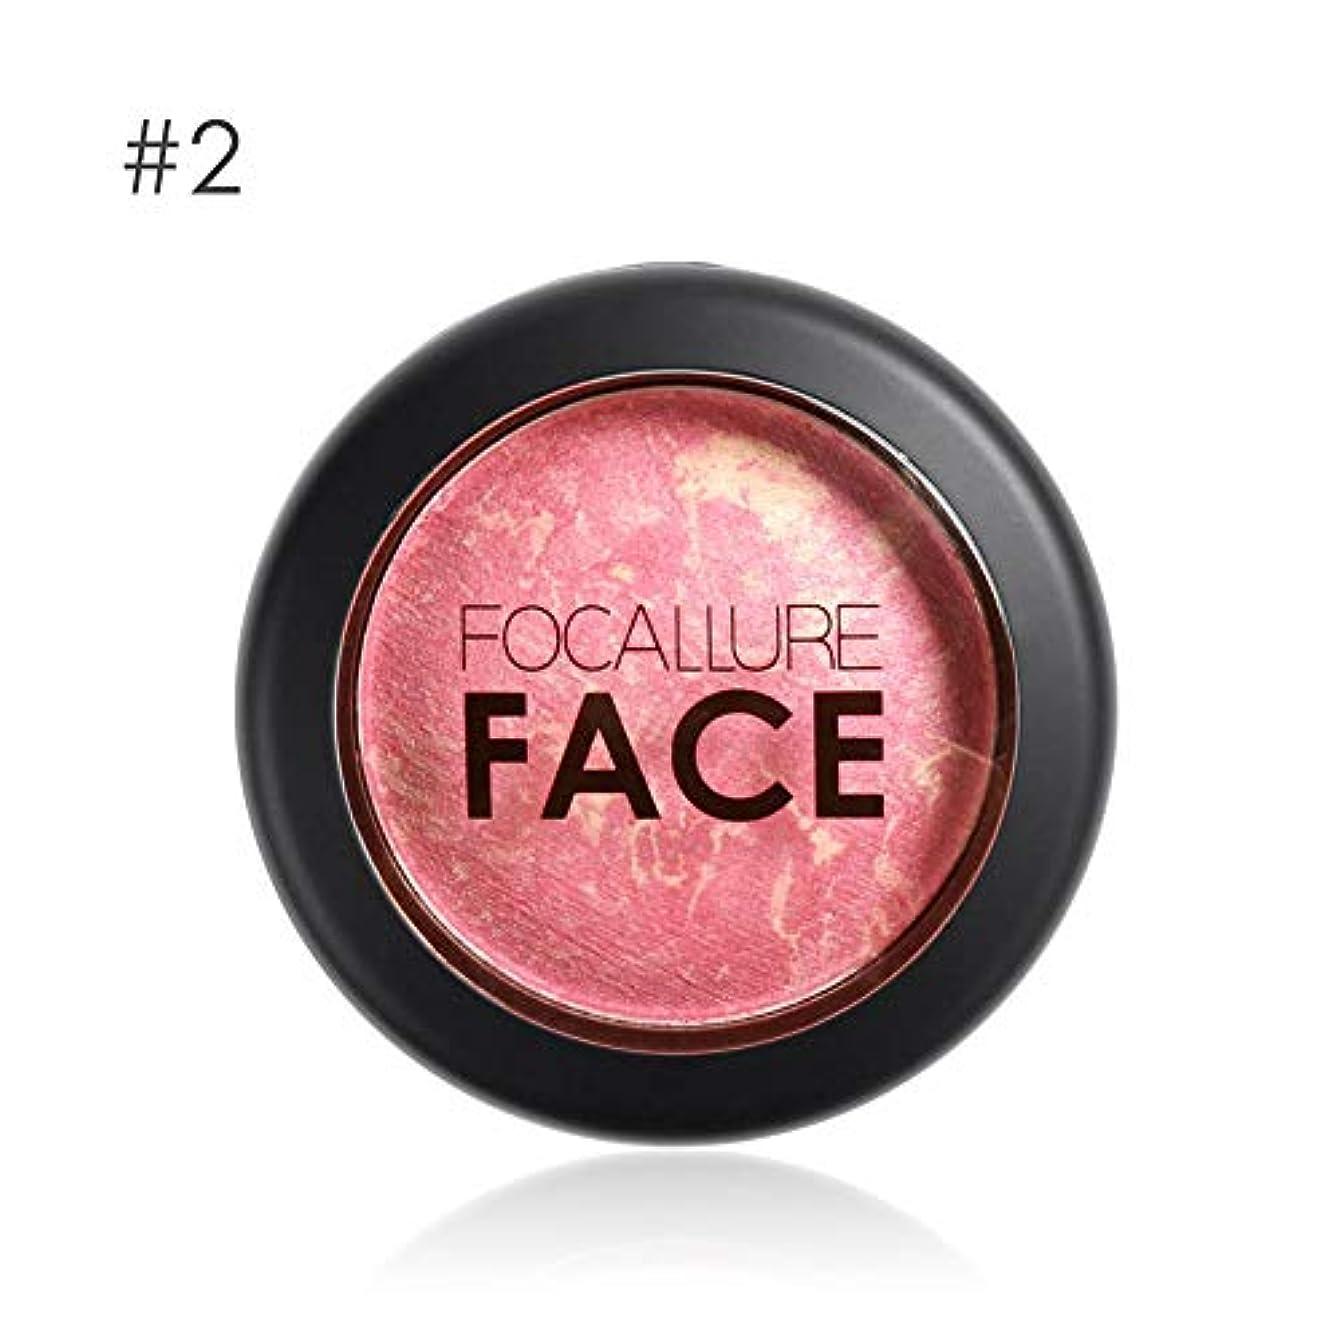 ルアーアルネトレッドFocallure 6色プロフェッショナル頬焼き赤面フェイス輪郭頬紅メイク - 2#